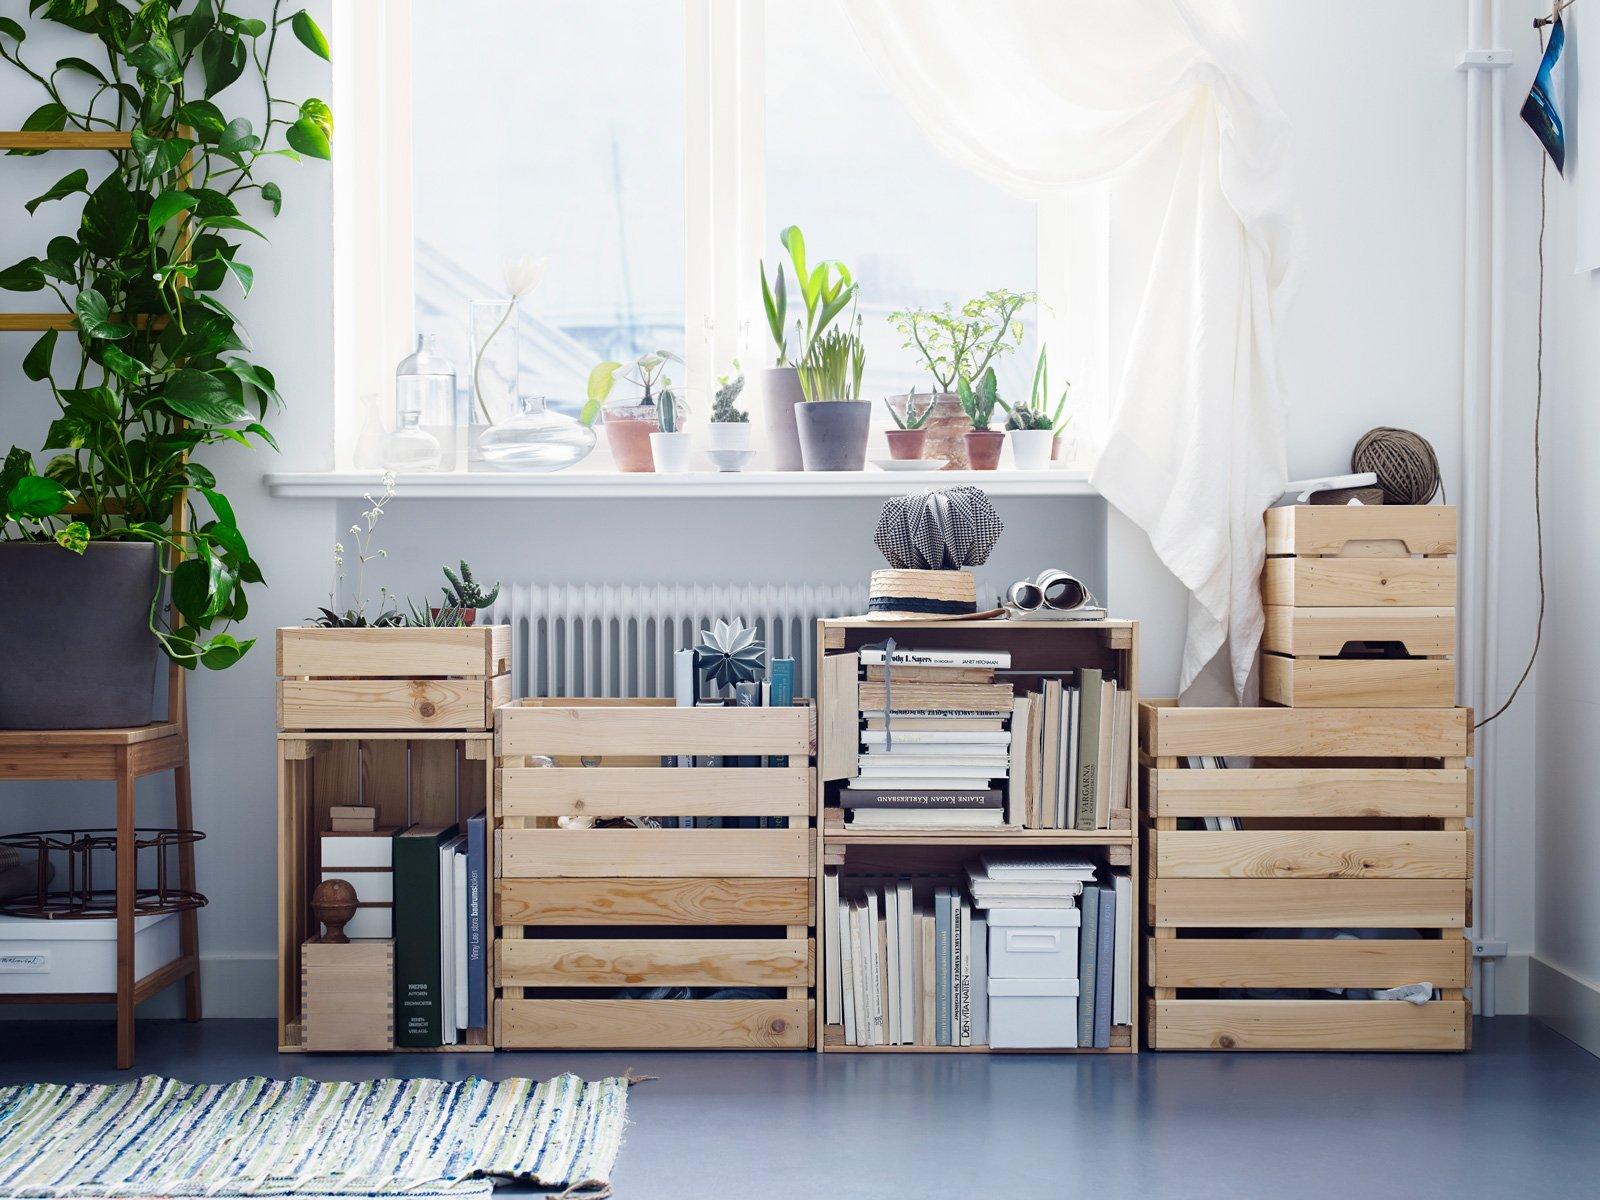 Contenitori Per Cabina Armadio : Scatole e contenitori per la casa belli e utili cose di casa